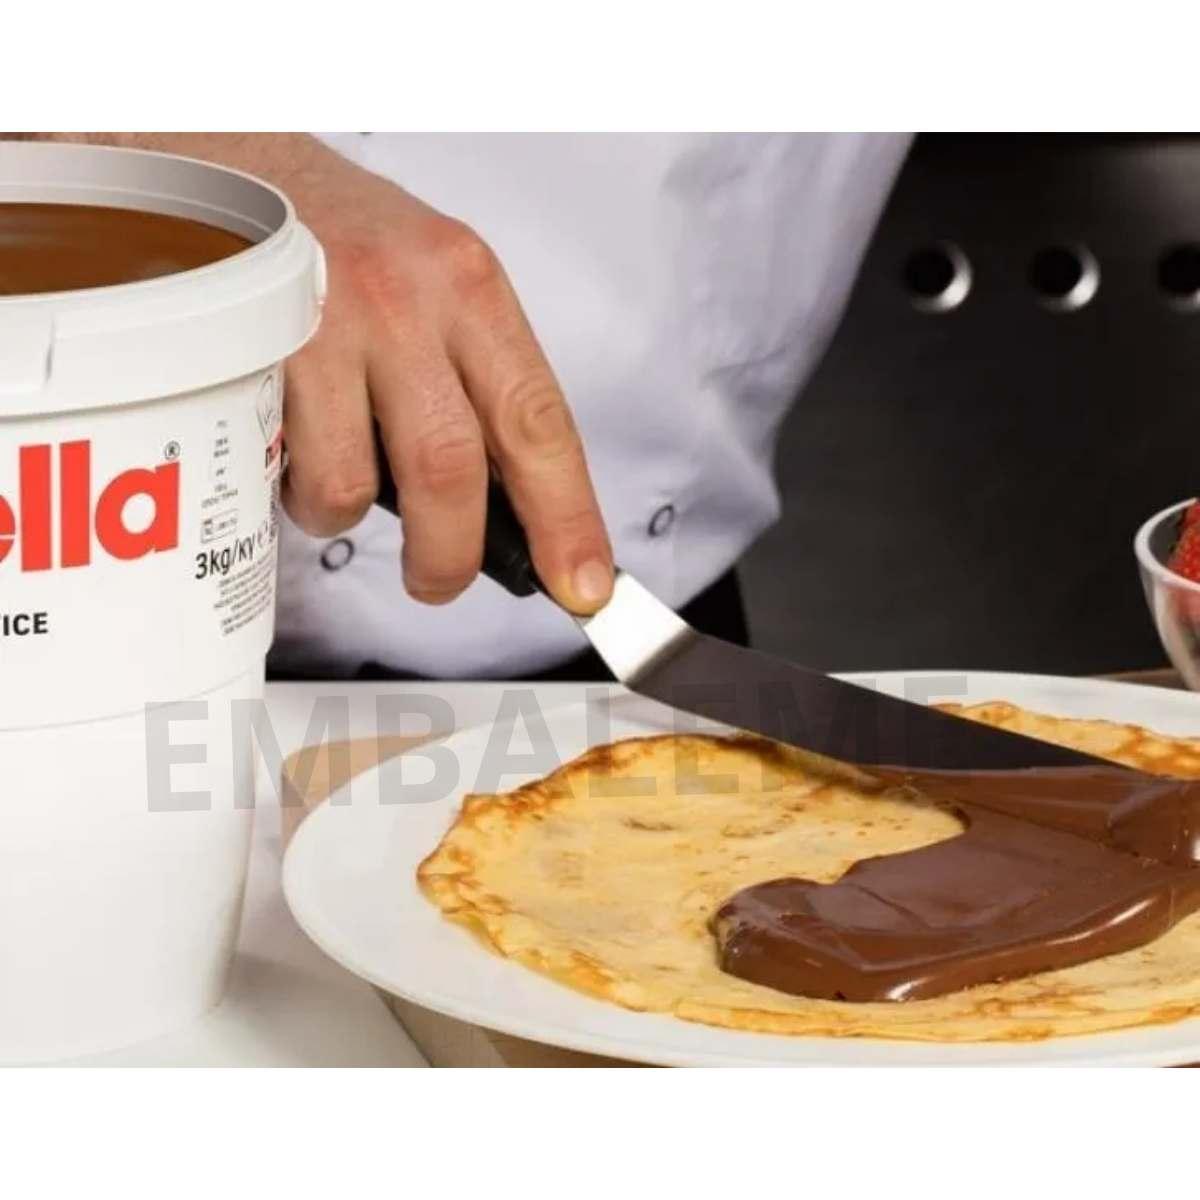 Balde de Nutella 3kg + Pasta Cremosa De KitKat 2,1kg